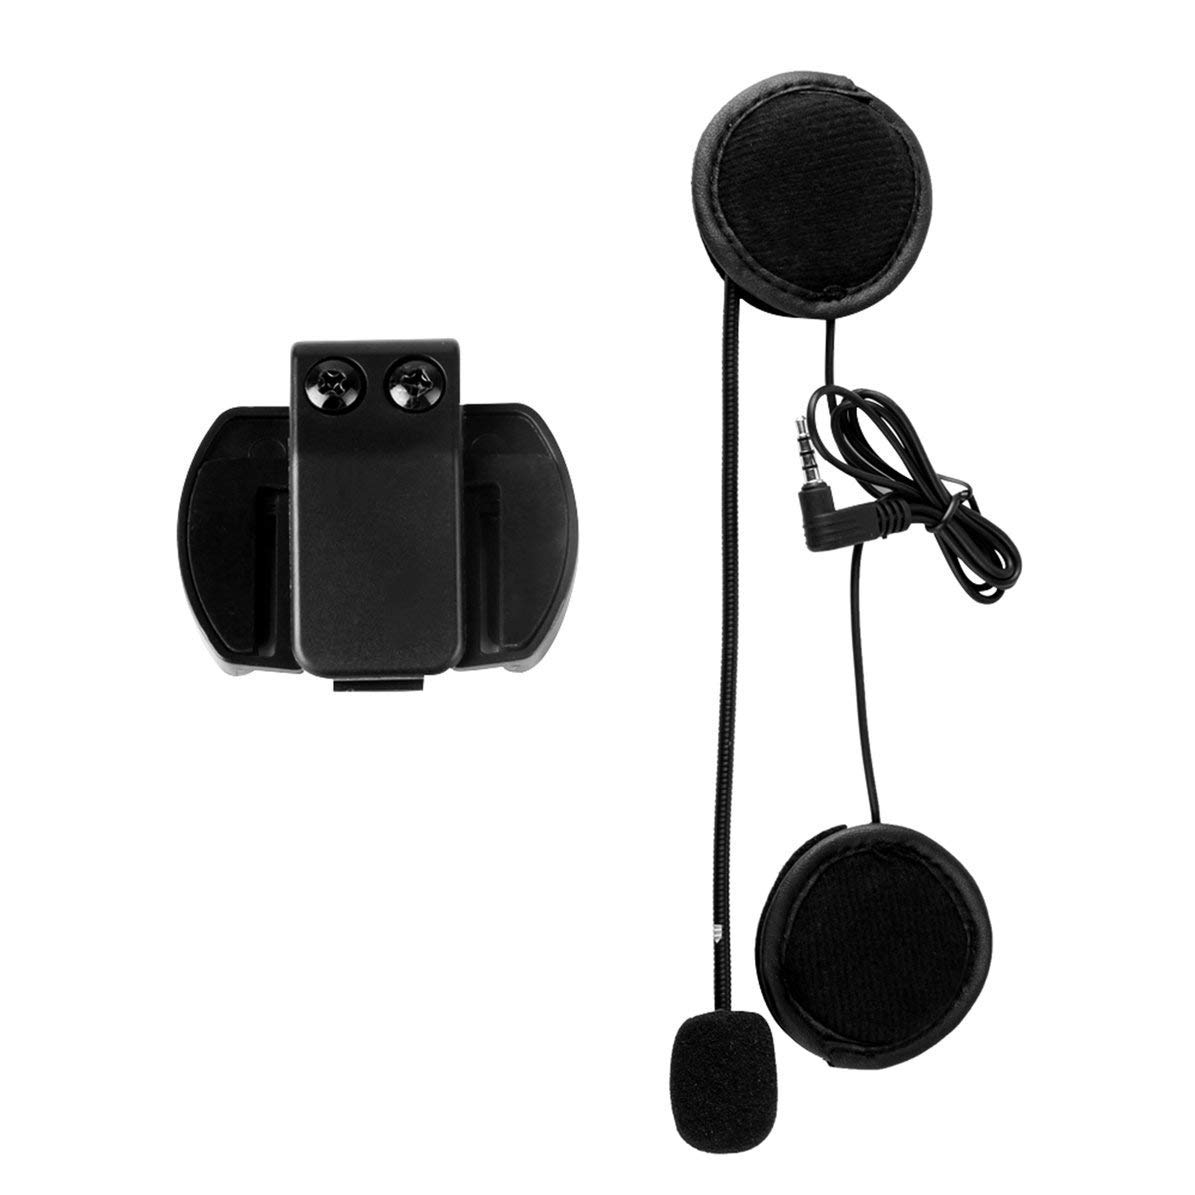 SODIAL Accesorios V6 Micr/ófono Altavoz y Traje S/ólo Clip para V6-1200 Casco Intercom Motorcycle Bluetooth Interphone 3.5Mm Jack Plug